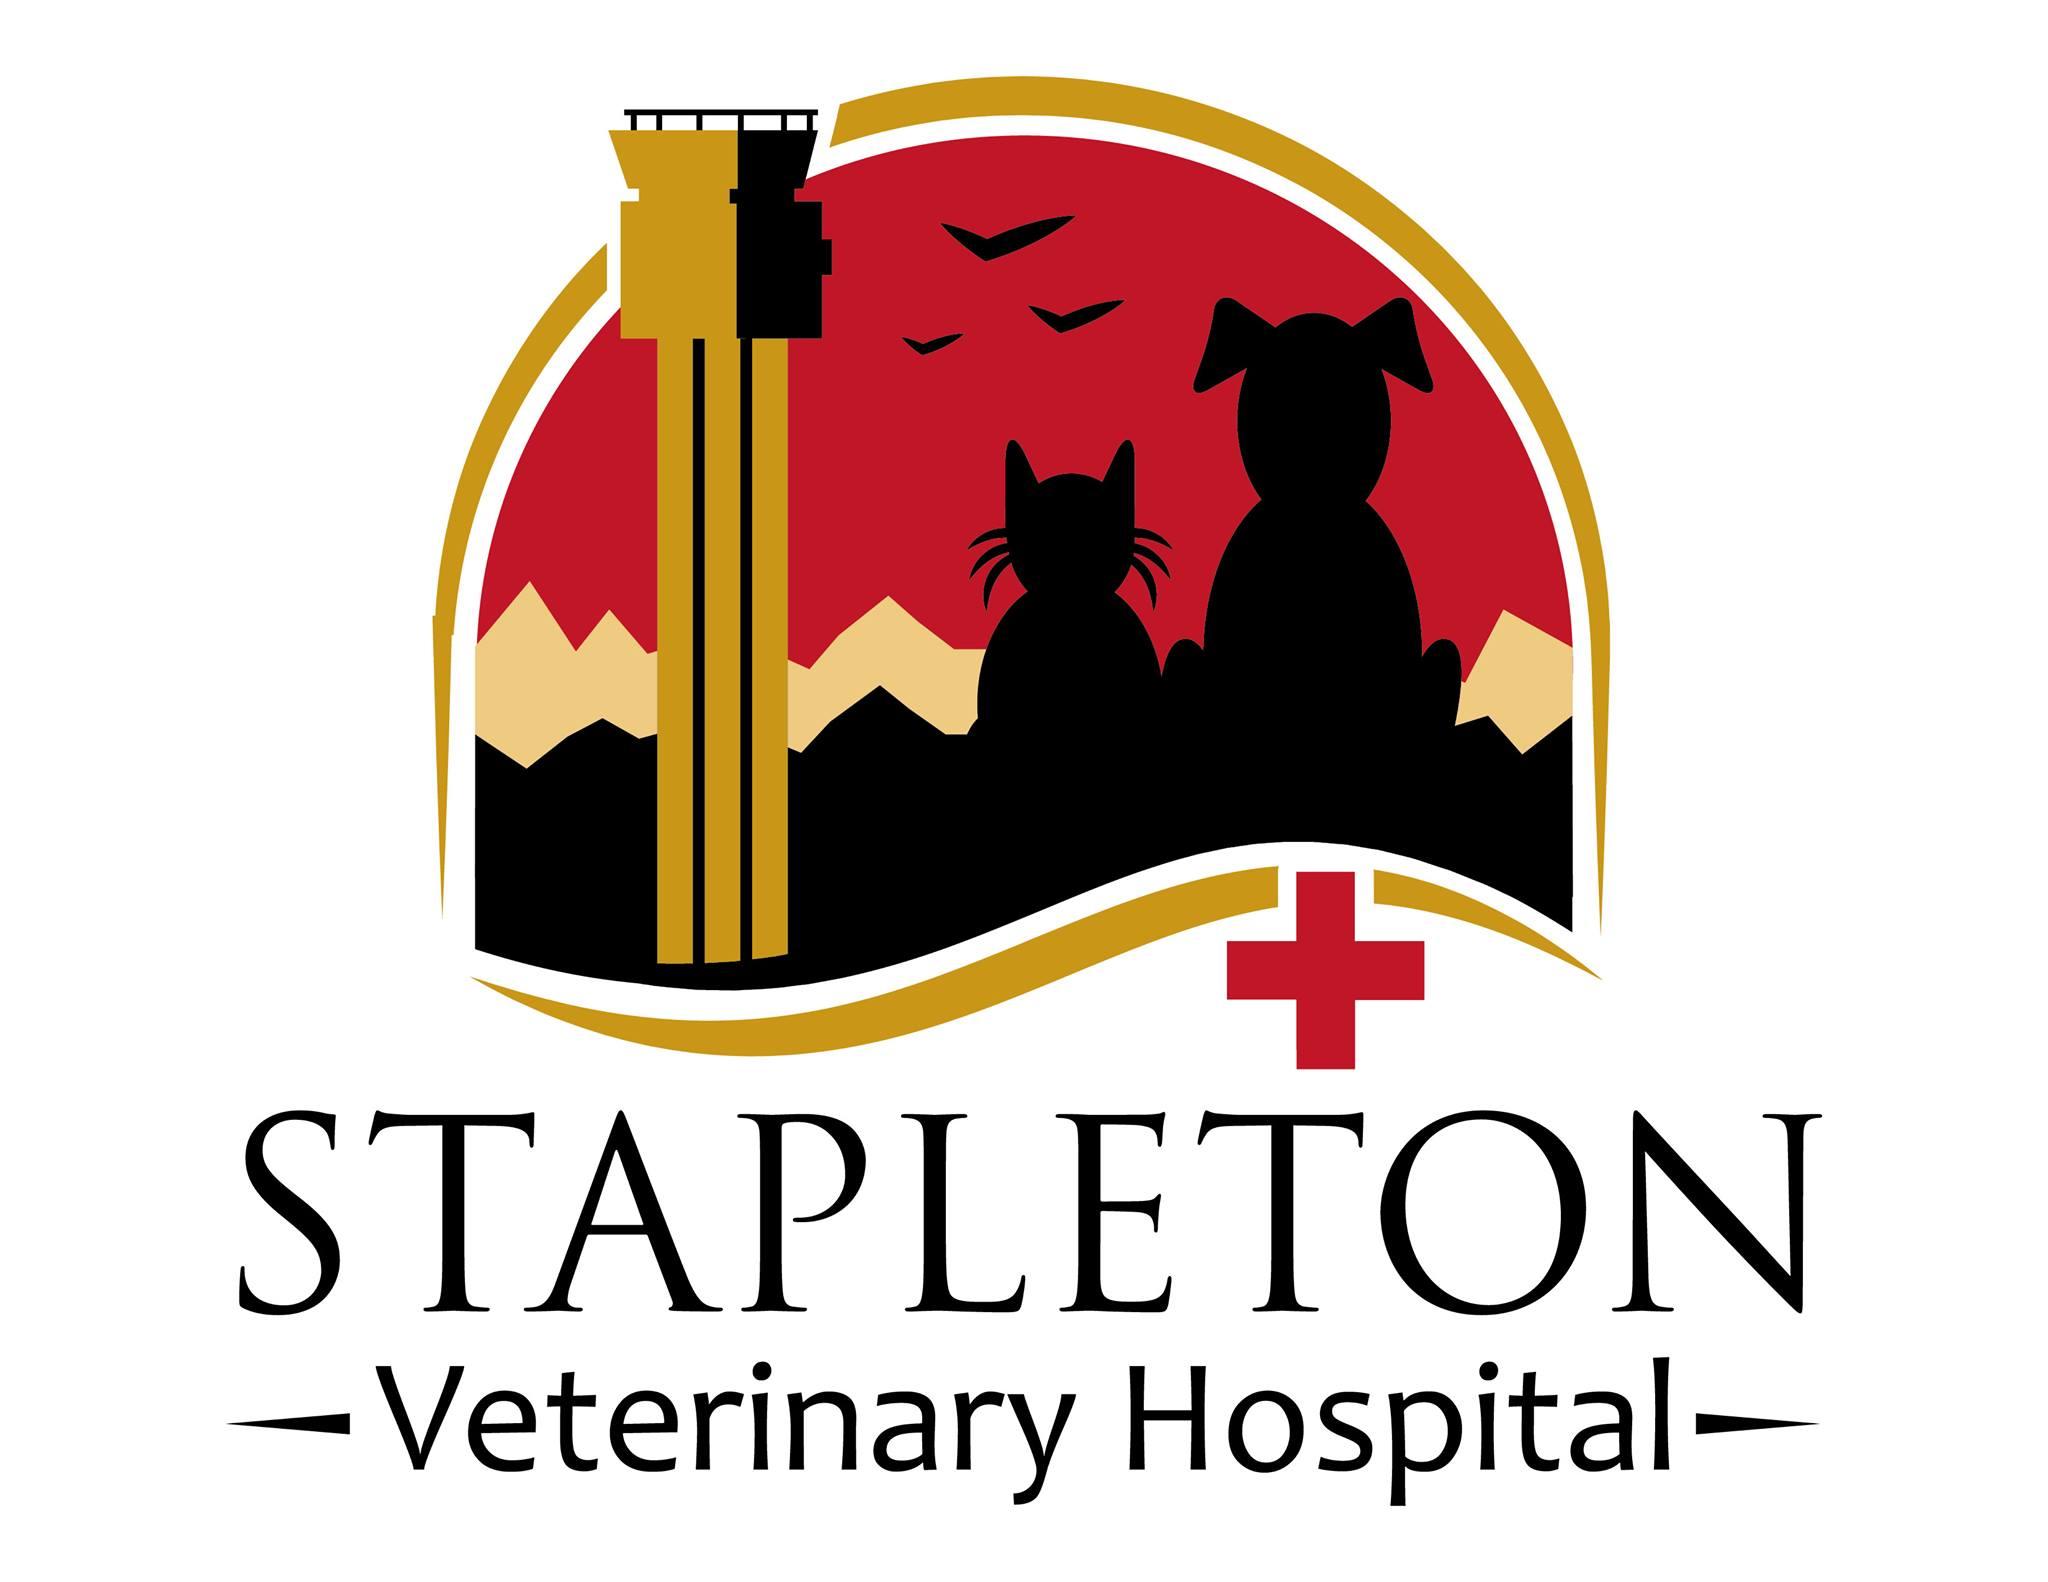 http://www.stapletondenver.com/wp-content/uploads/2014/12/stapleton_vet.jpg